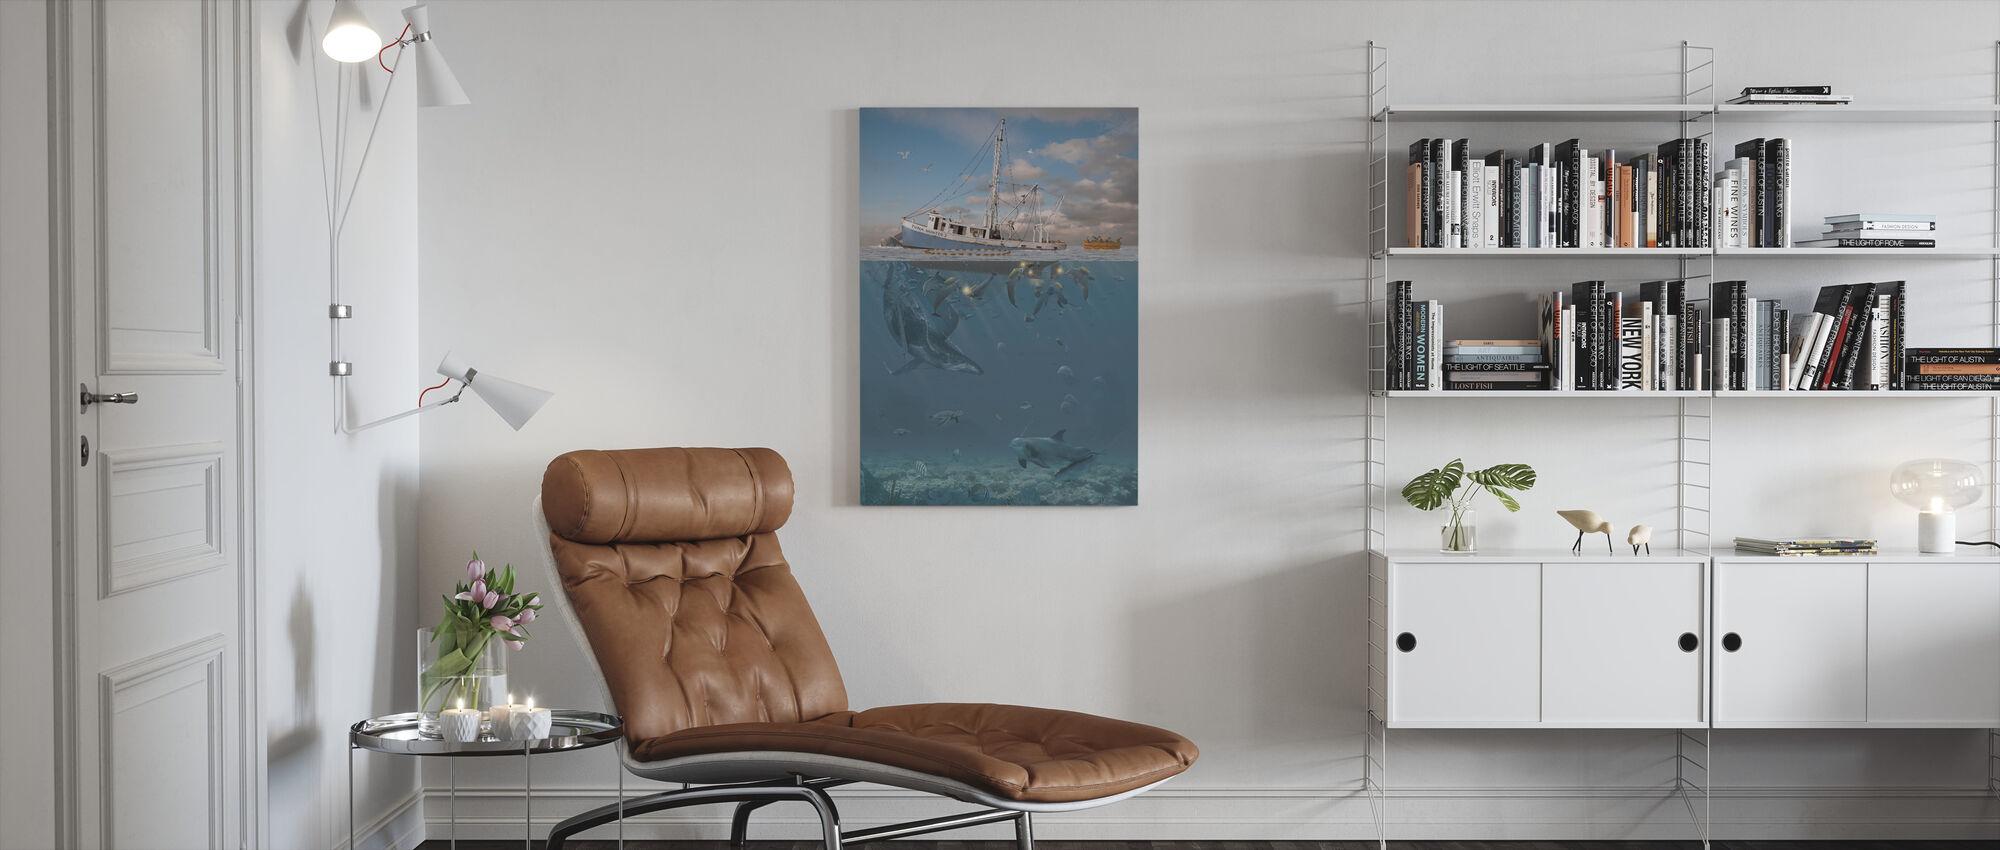 Wut des Delphins - Leinwandbild - Wohnzimmer